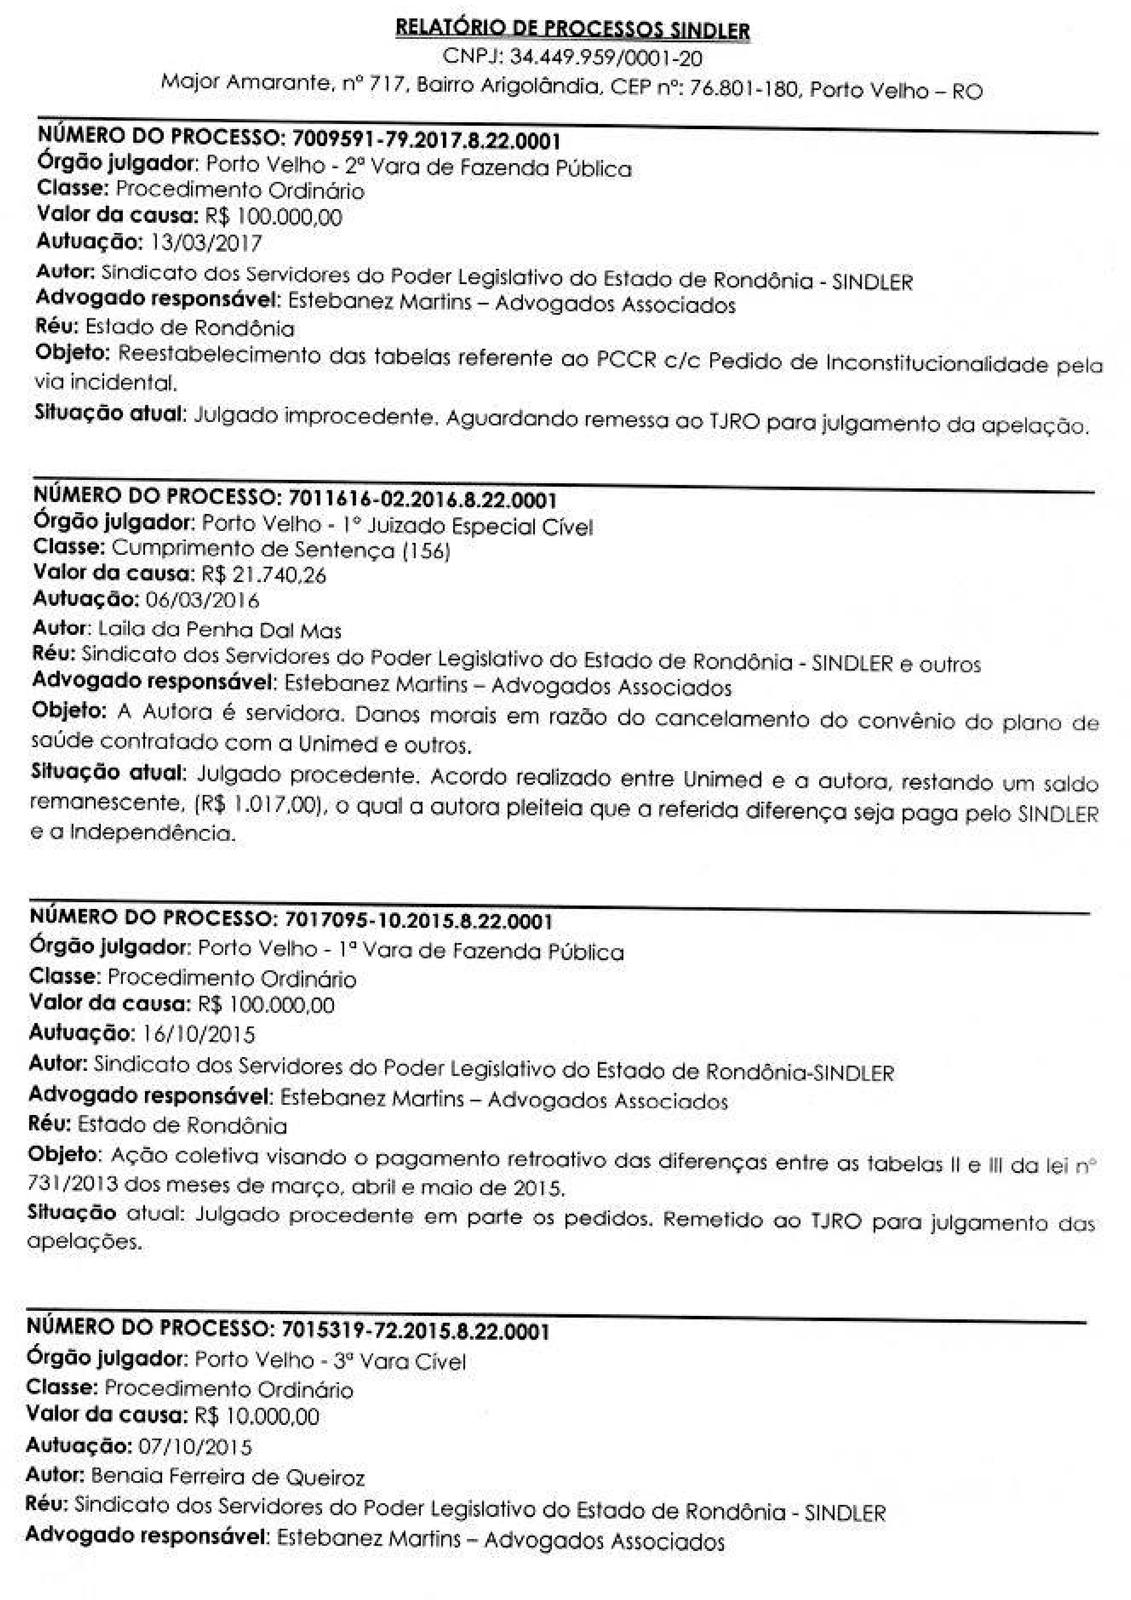 RELATÓRIO DE PROCESSOS SINDLER 1